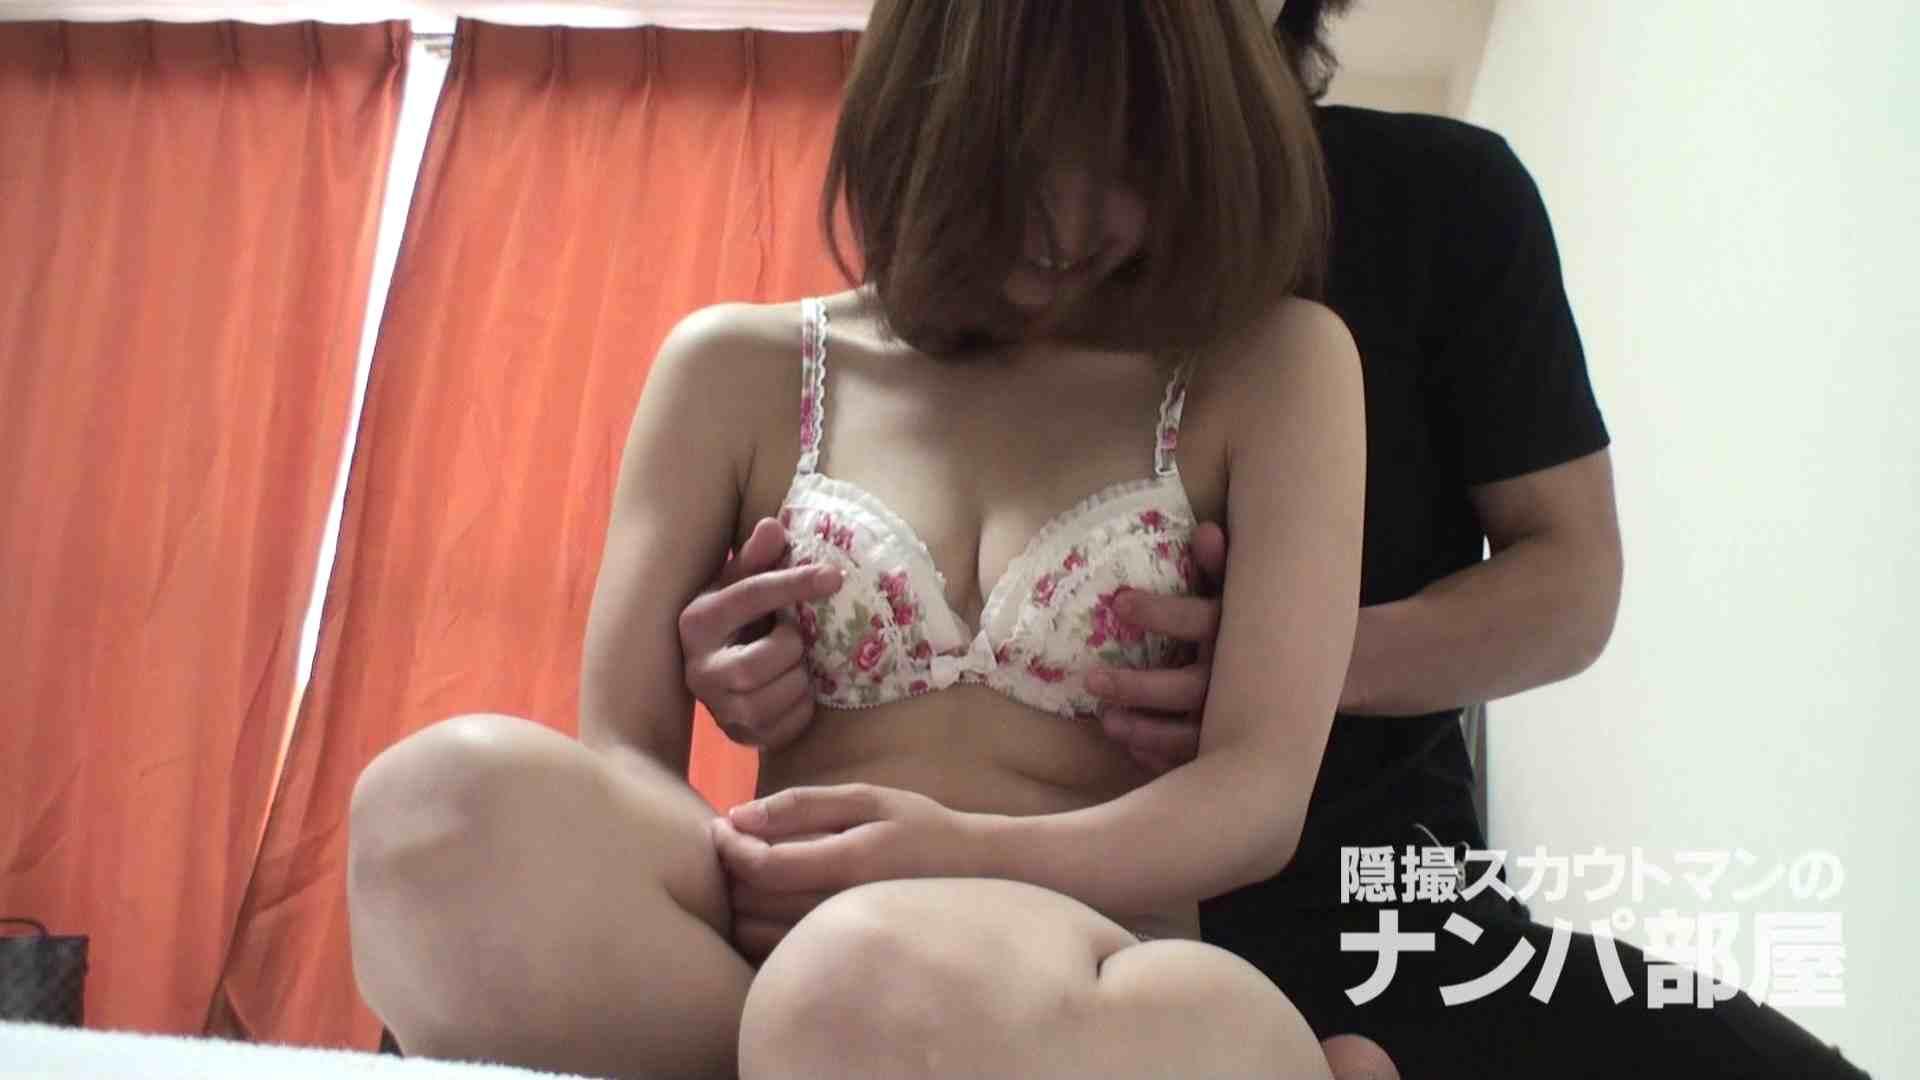 隠撮スカウトマンのナンパ部屋~風俗デビュー前のつまみ食い~ siivol.2 ナンパ  80pic 51